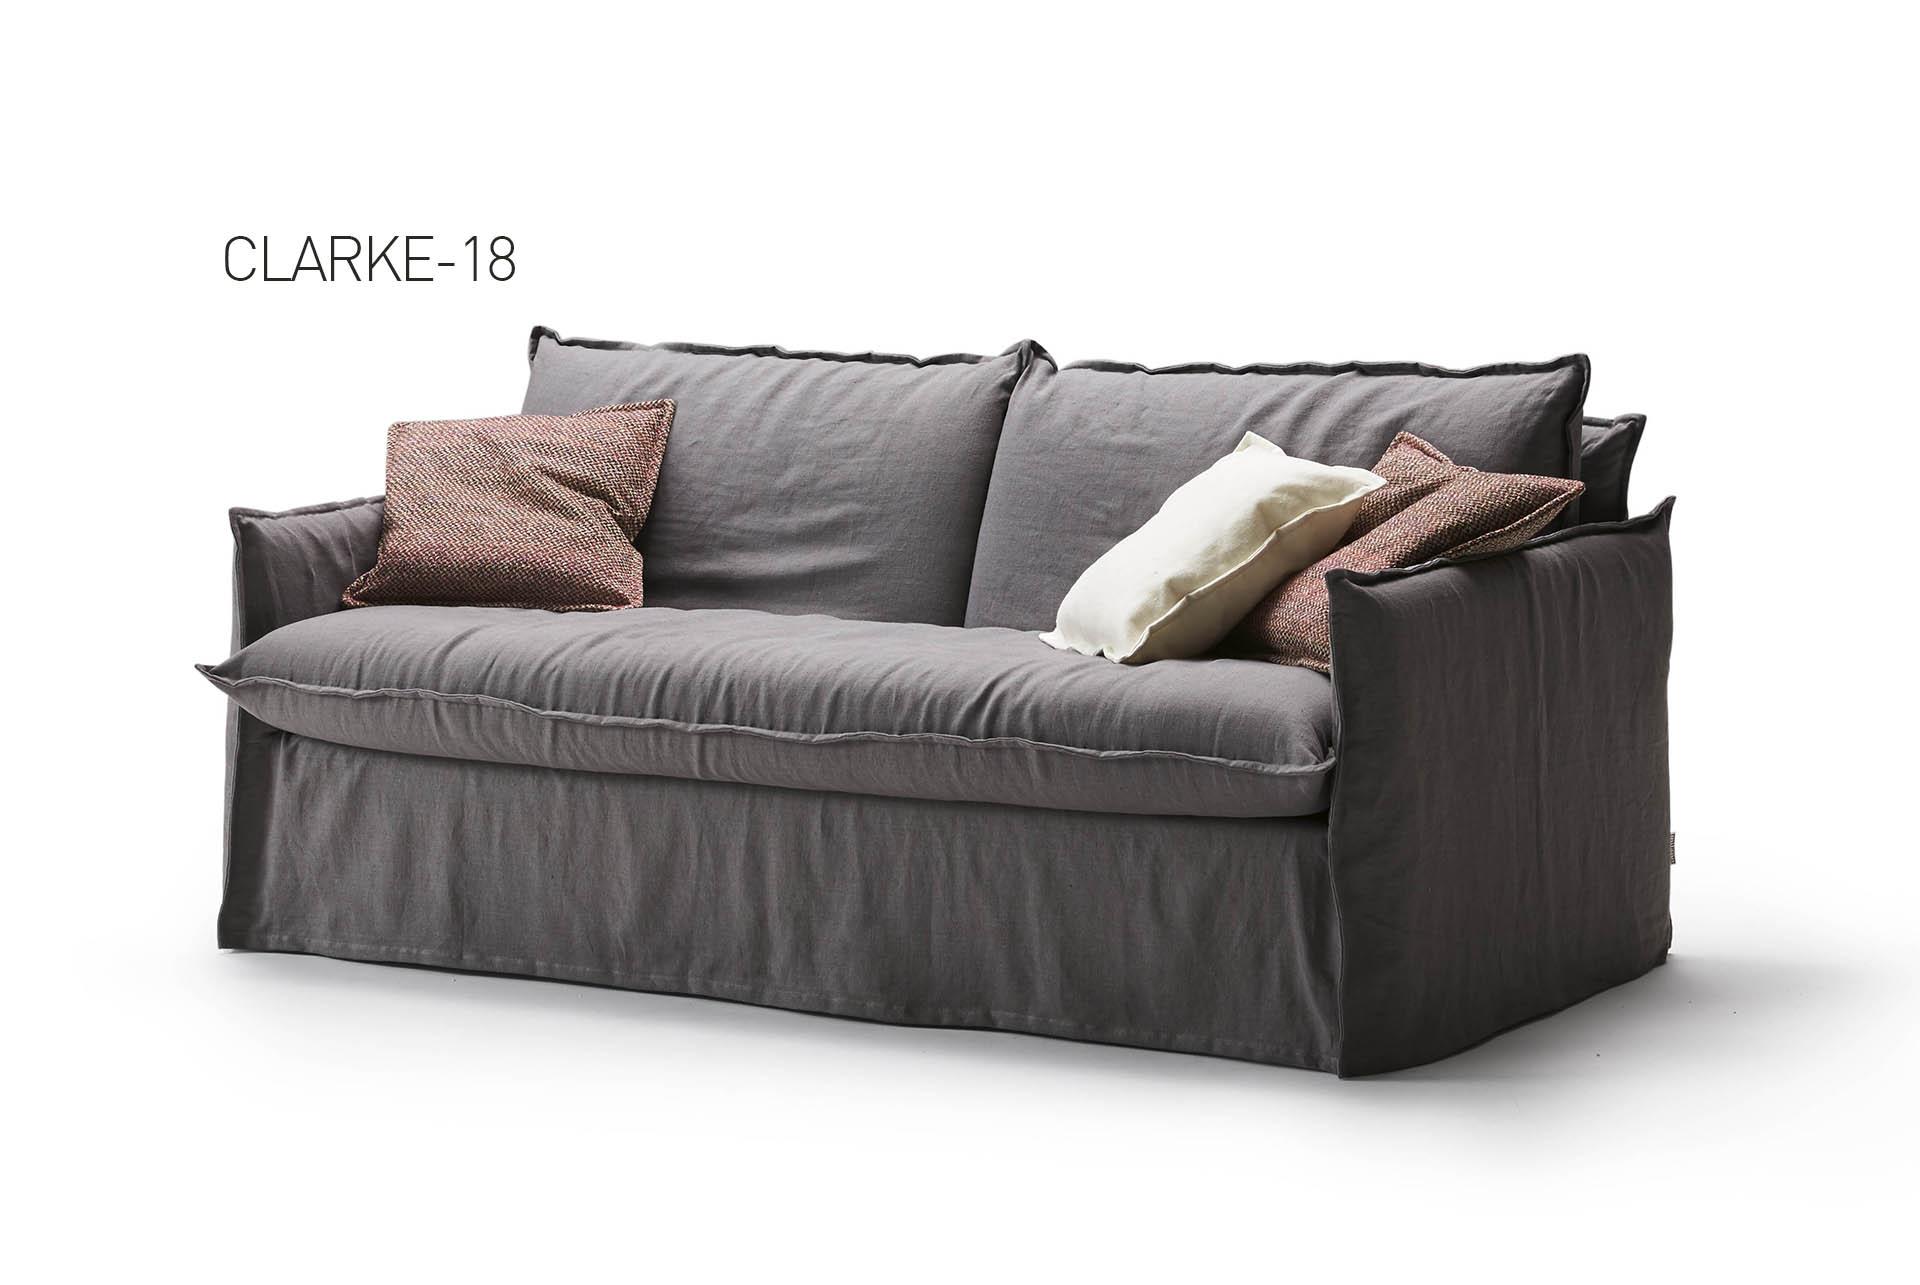 Milano bedding divano letto clarke for Milano bedding